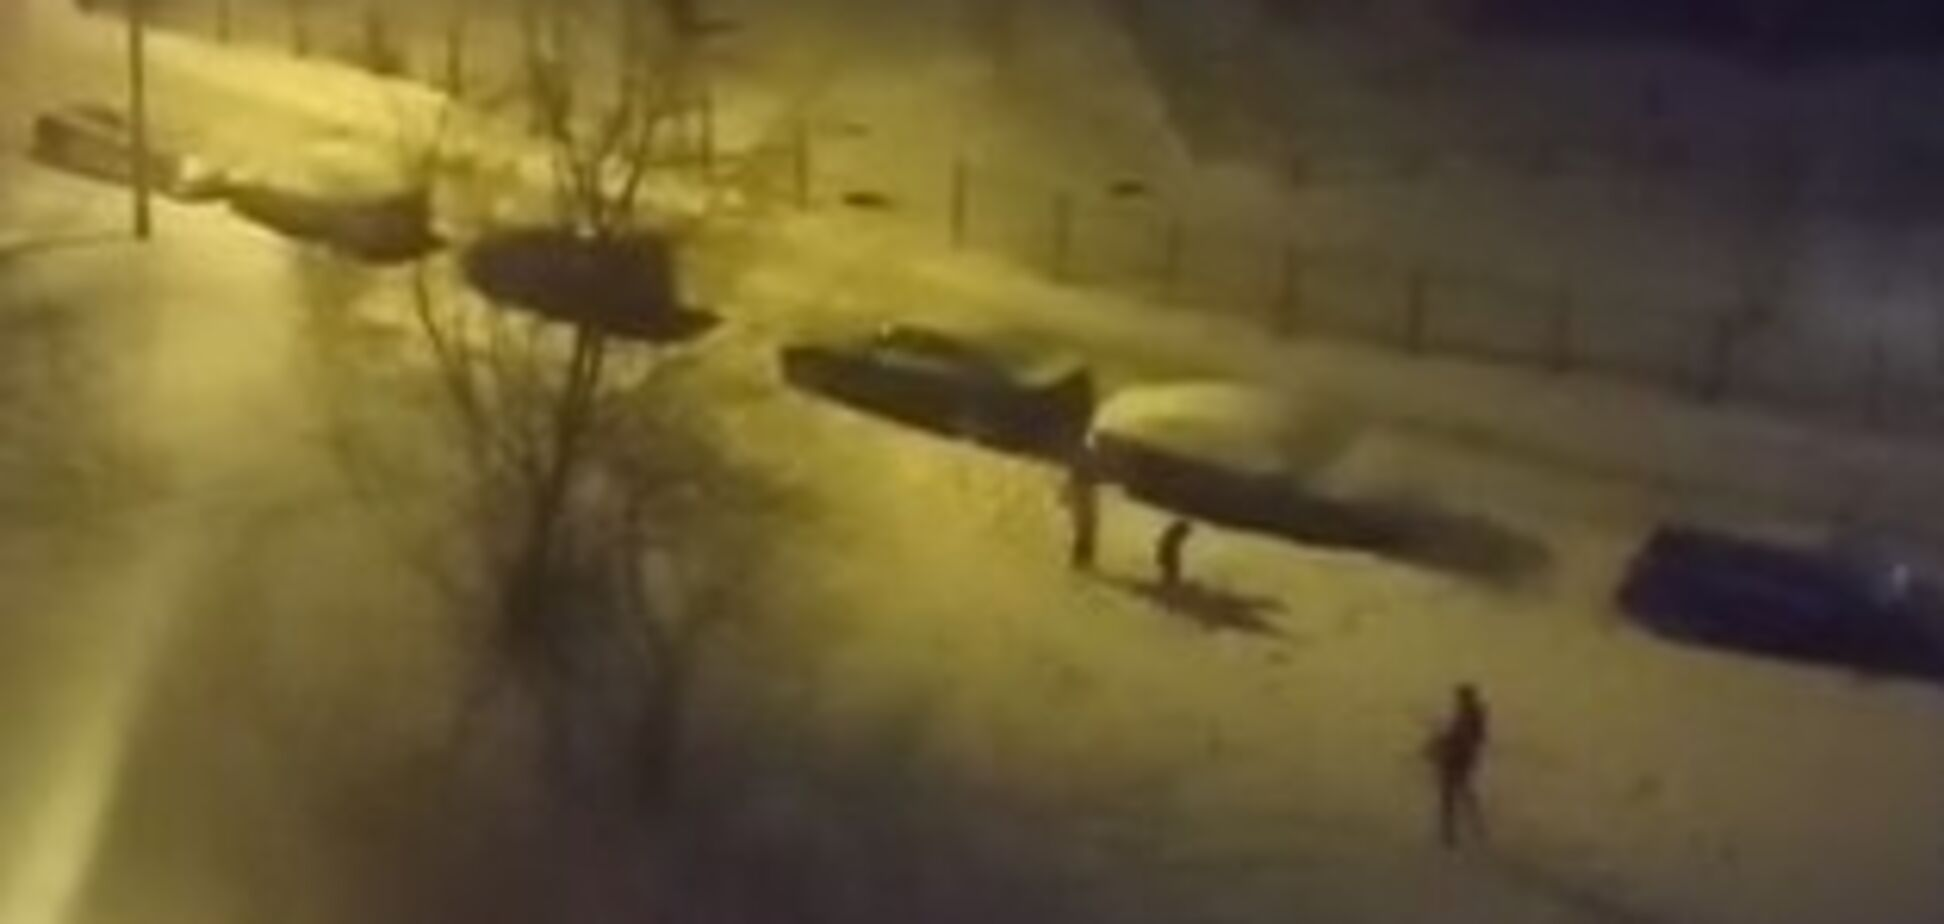 В Россииустроили стрельбу из автомата в Новый год. Источник: Скриншот видео